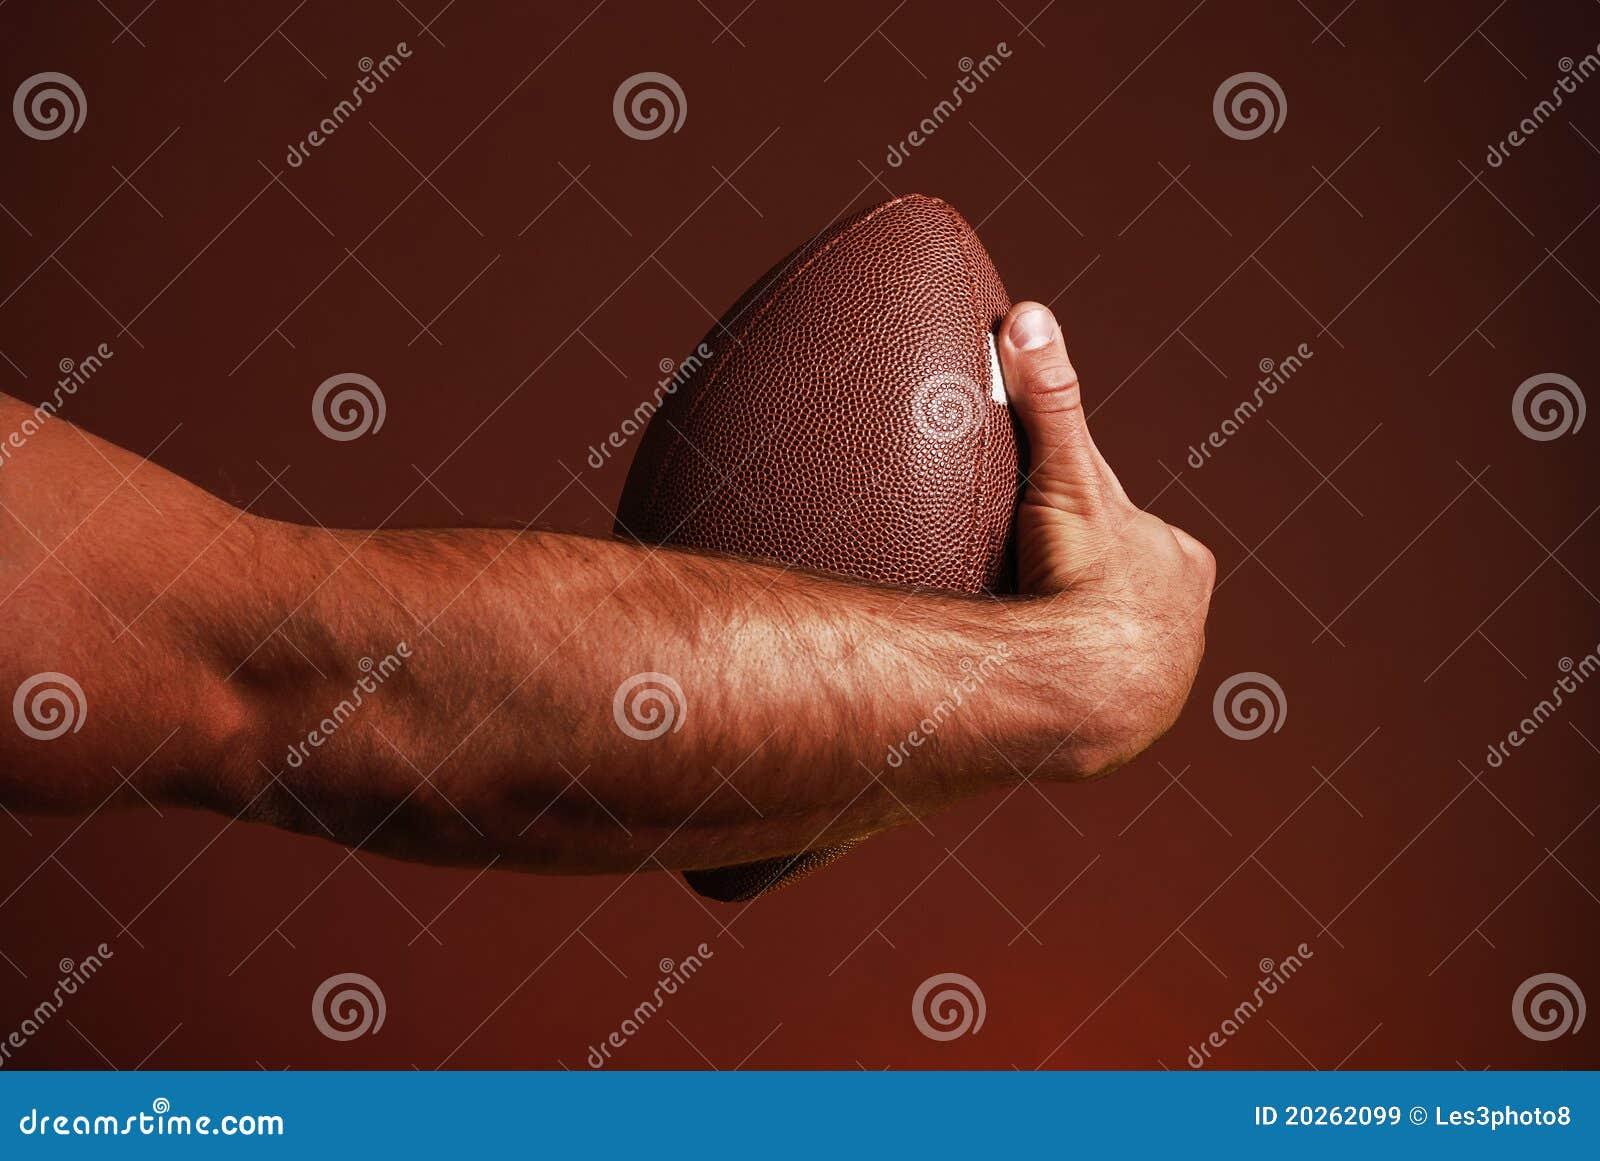 赌注橄榄球您